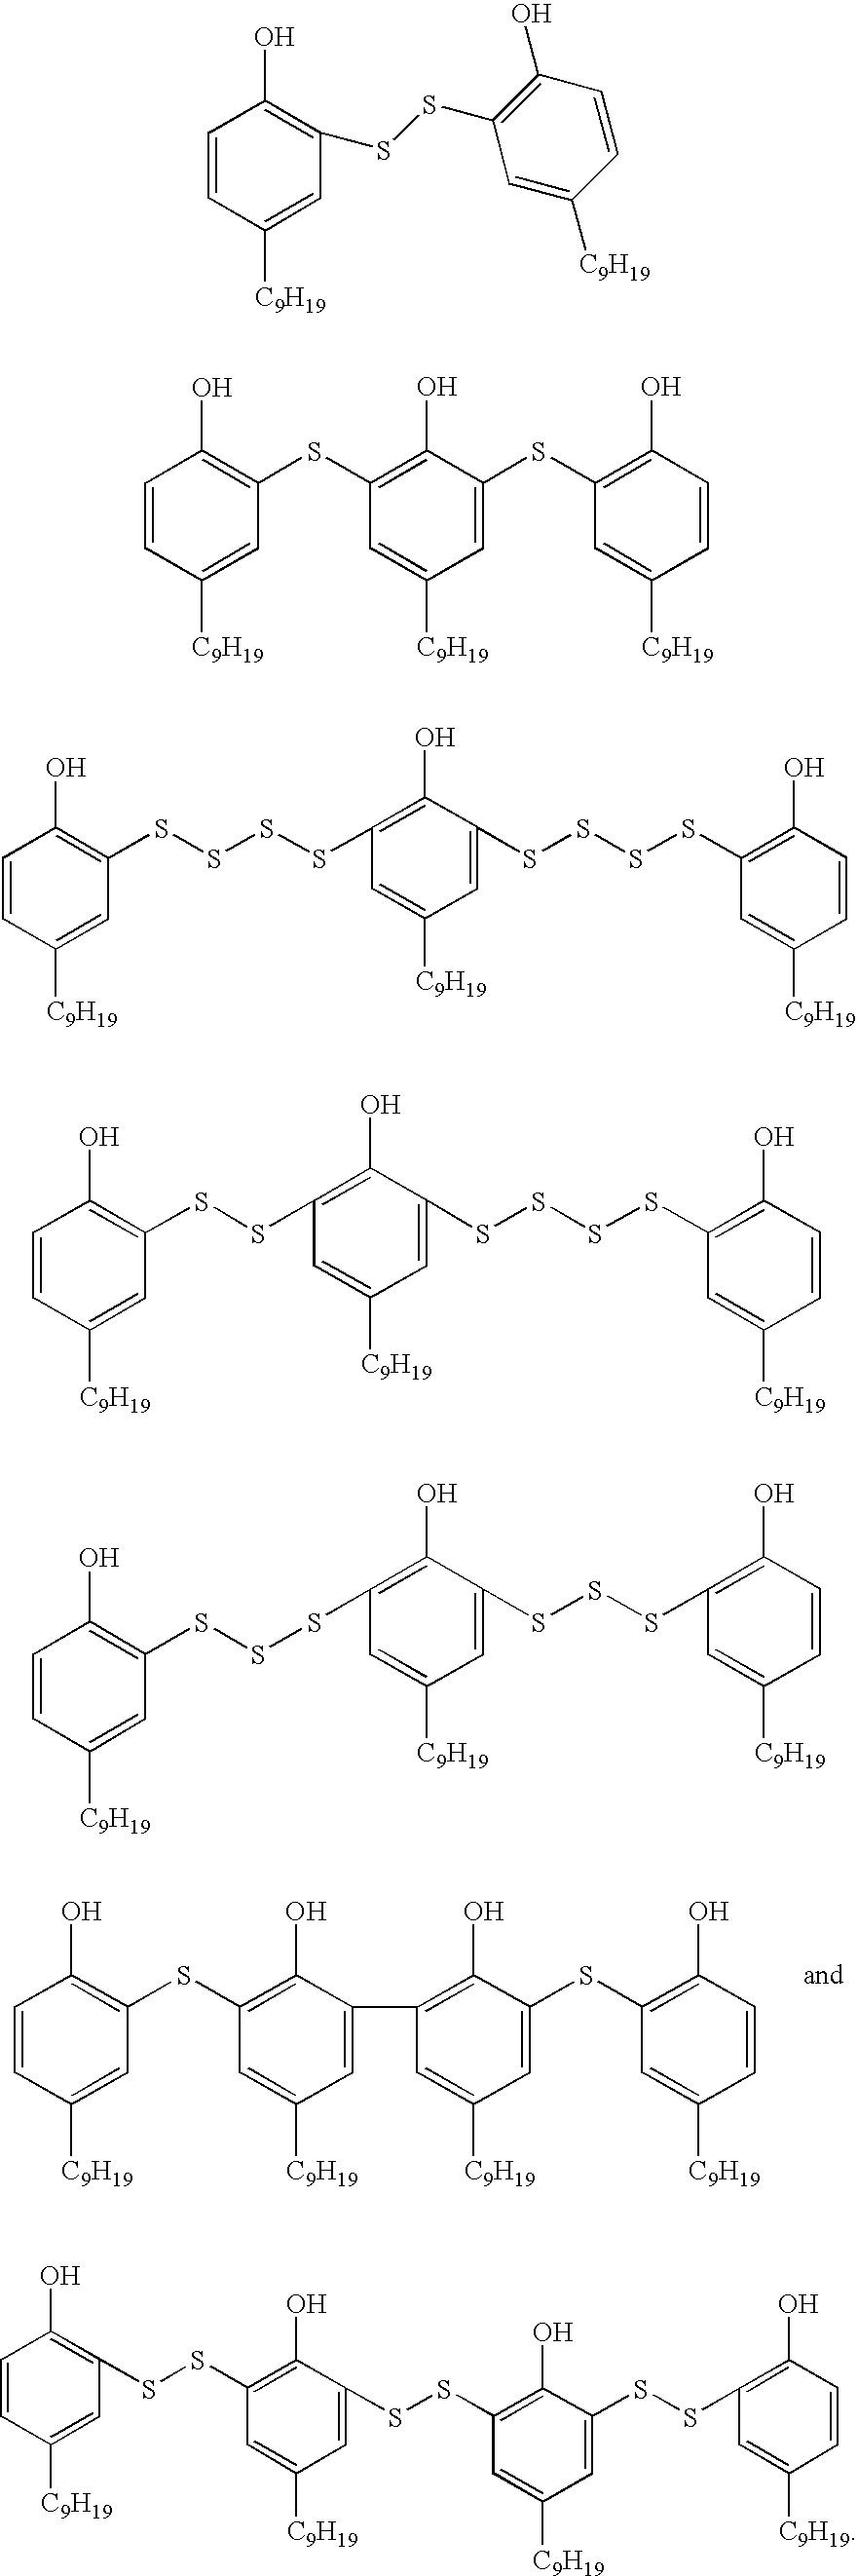 Figure US20090297961A1-20091203-C00010